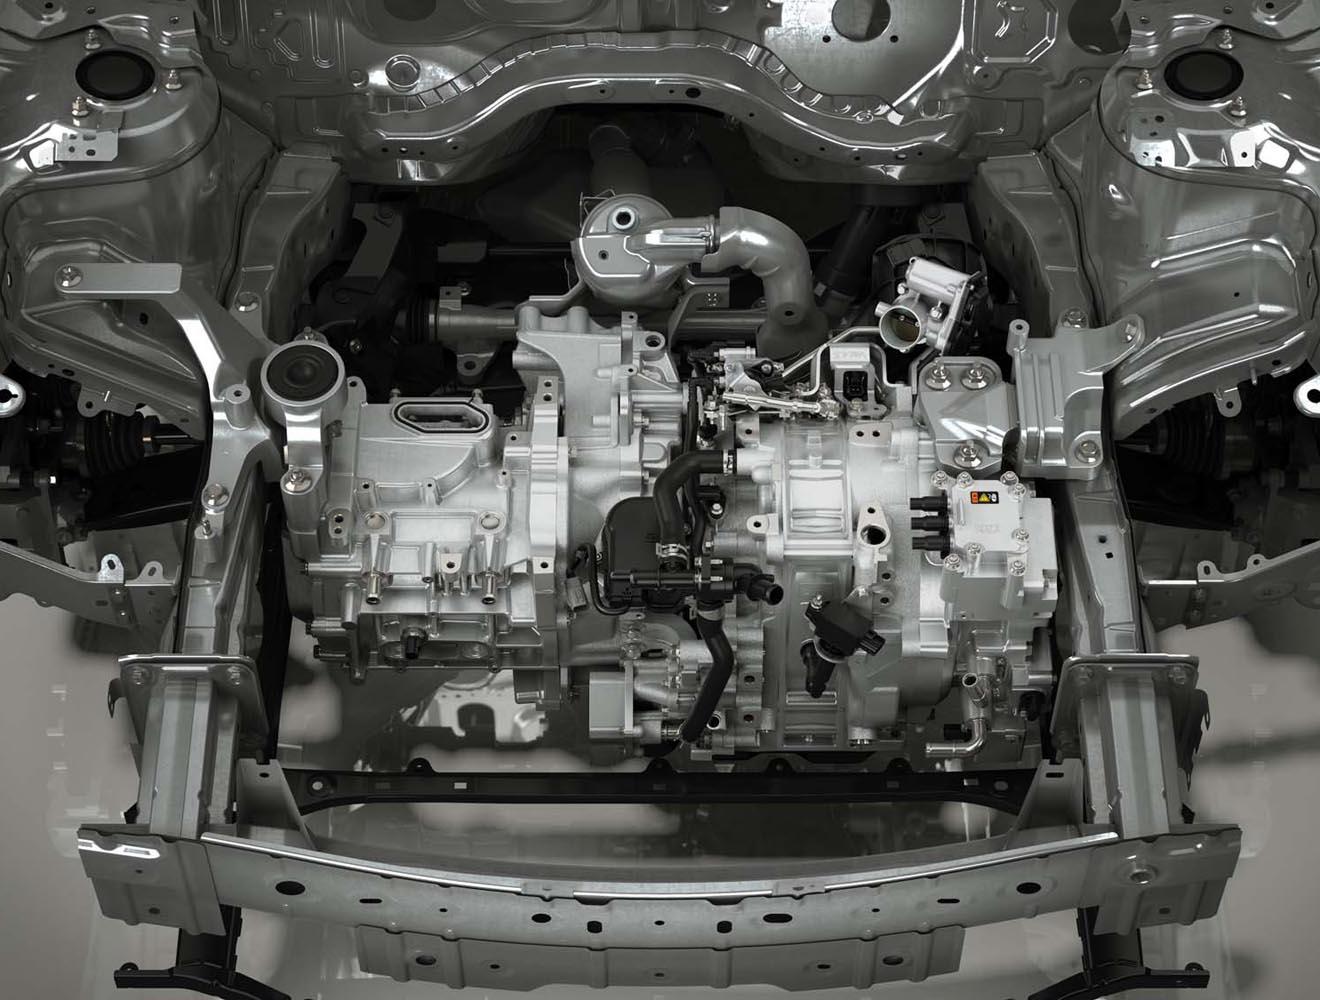 マツダは、軽量なロータリーエンジンを使ったレンジエクステンダー(写真中央)の開発も進めている。燃料を使って電気を作り出し、その電力でモーターを駆動するもので、プラグインハイブリッドをはじめとするさまざまな電動化車両での活用が検討されている。